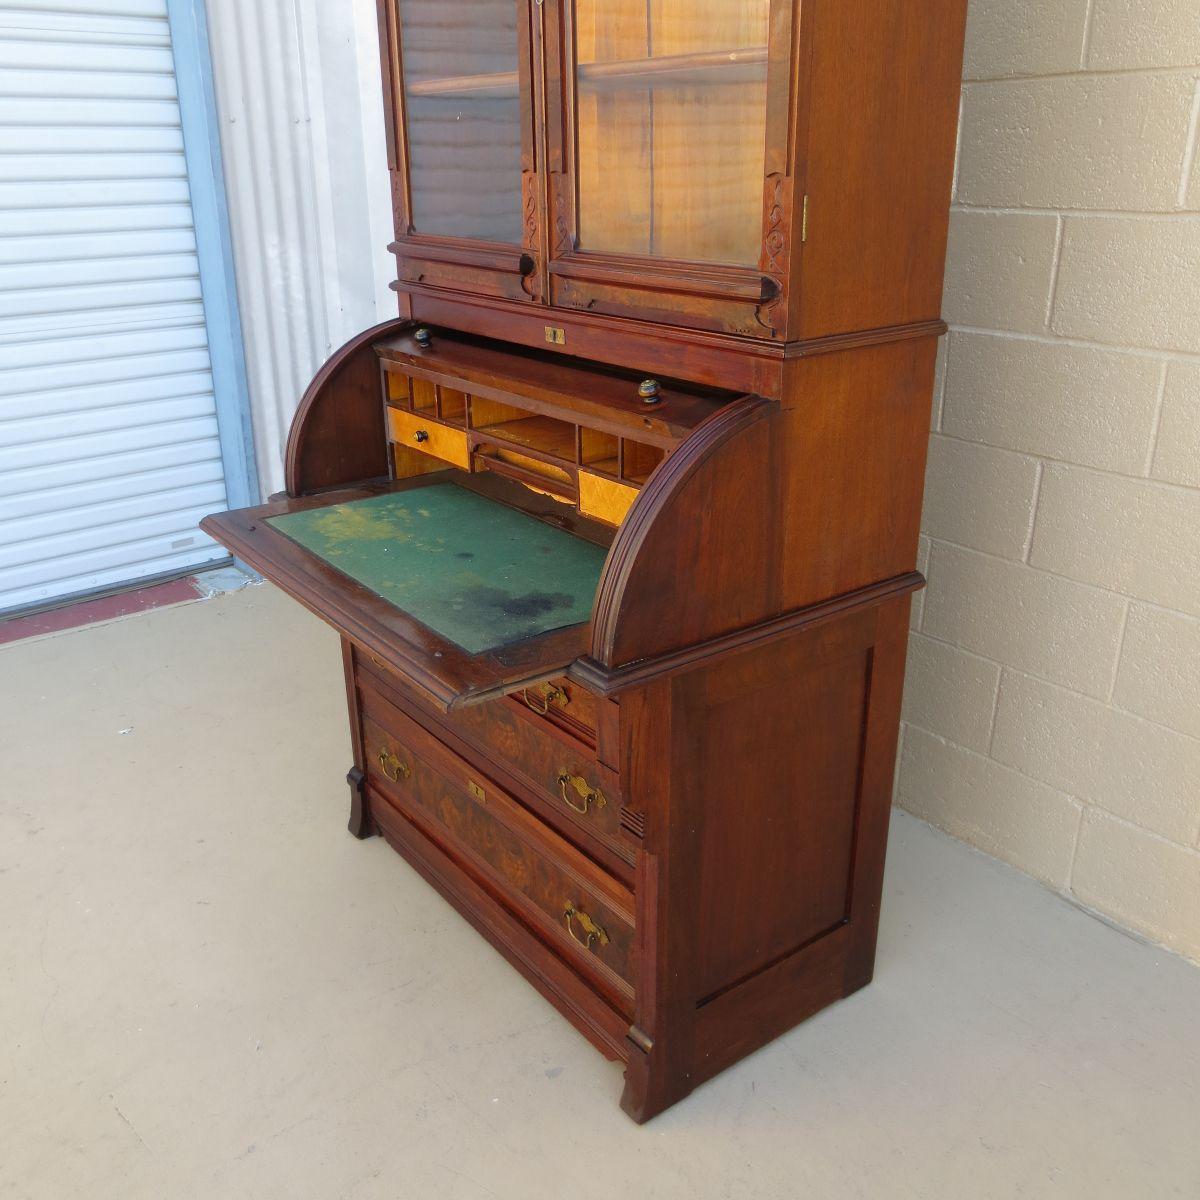 secretary desk bookcase - Google Search - Secretary Desk Bookcase - Google Search Antiques Pinterest